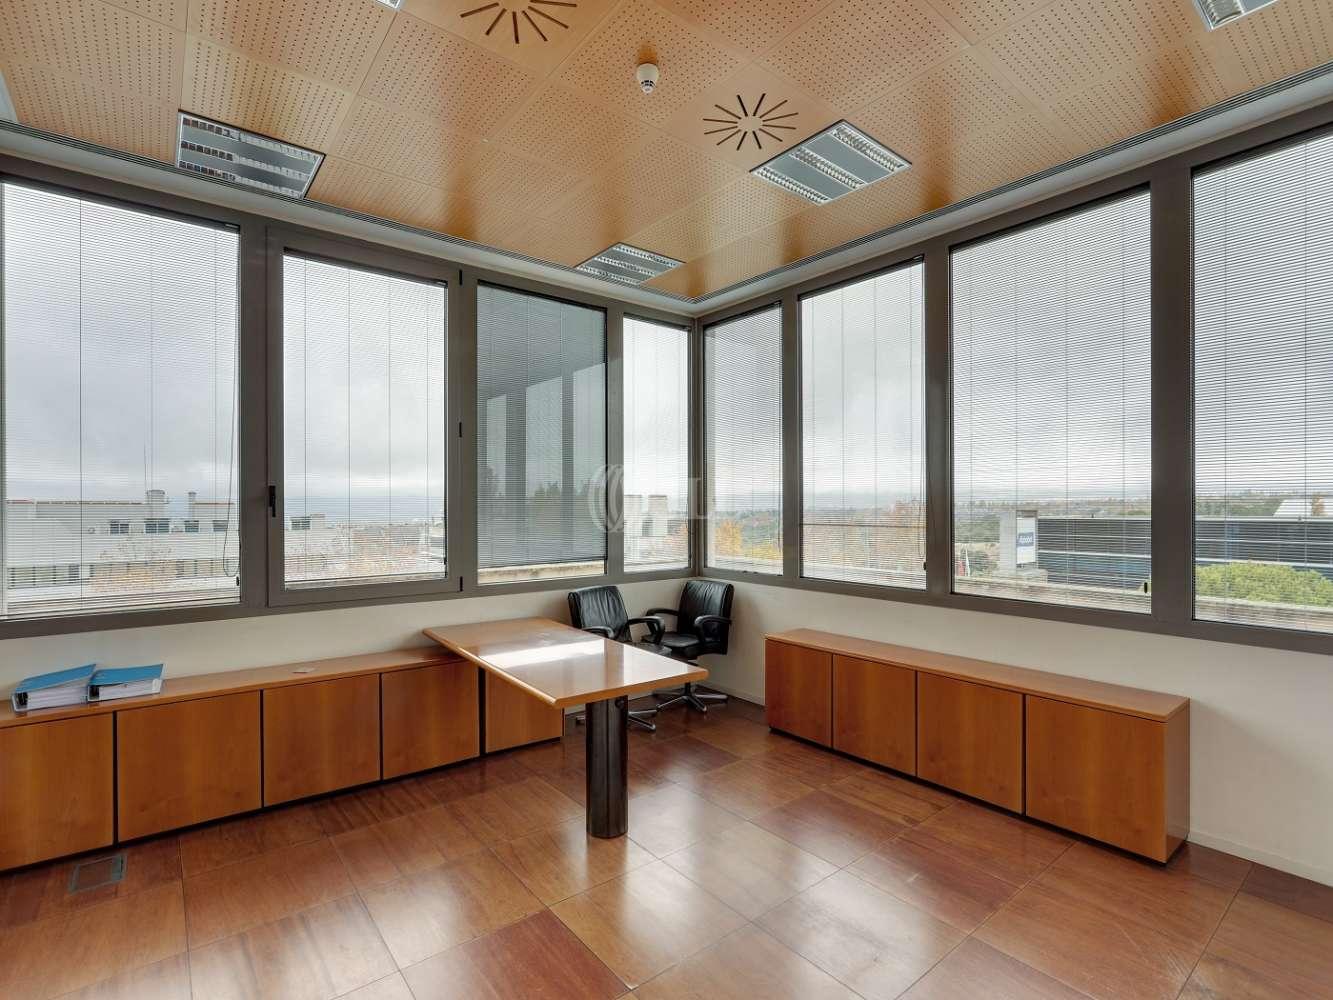 Oficina Las rozas de madrid, 28232 - Edificio 1 - 23180